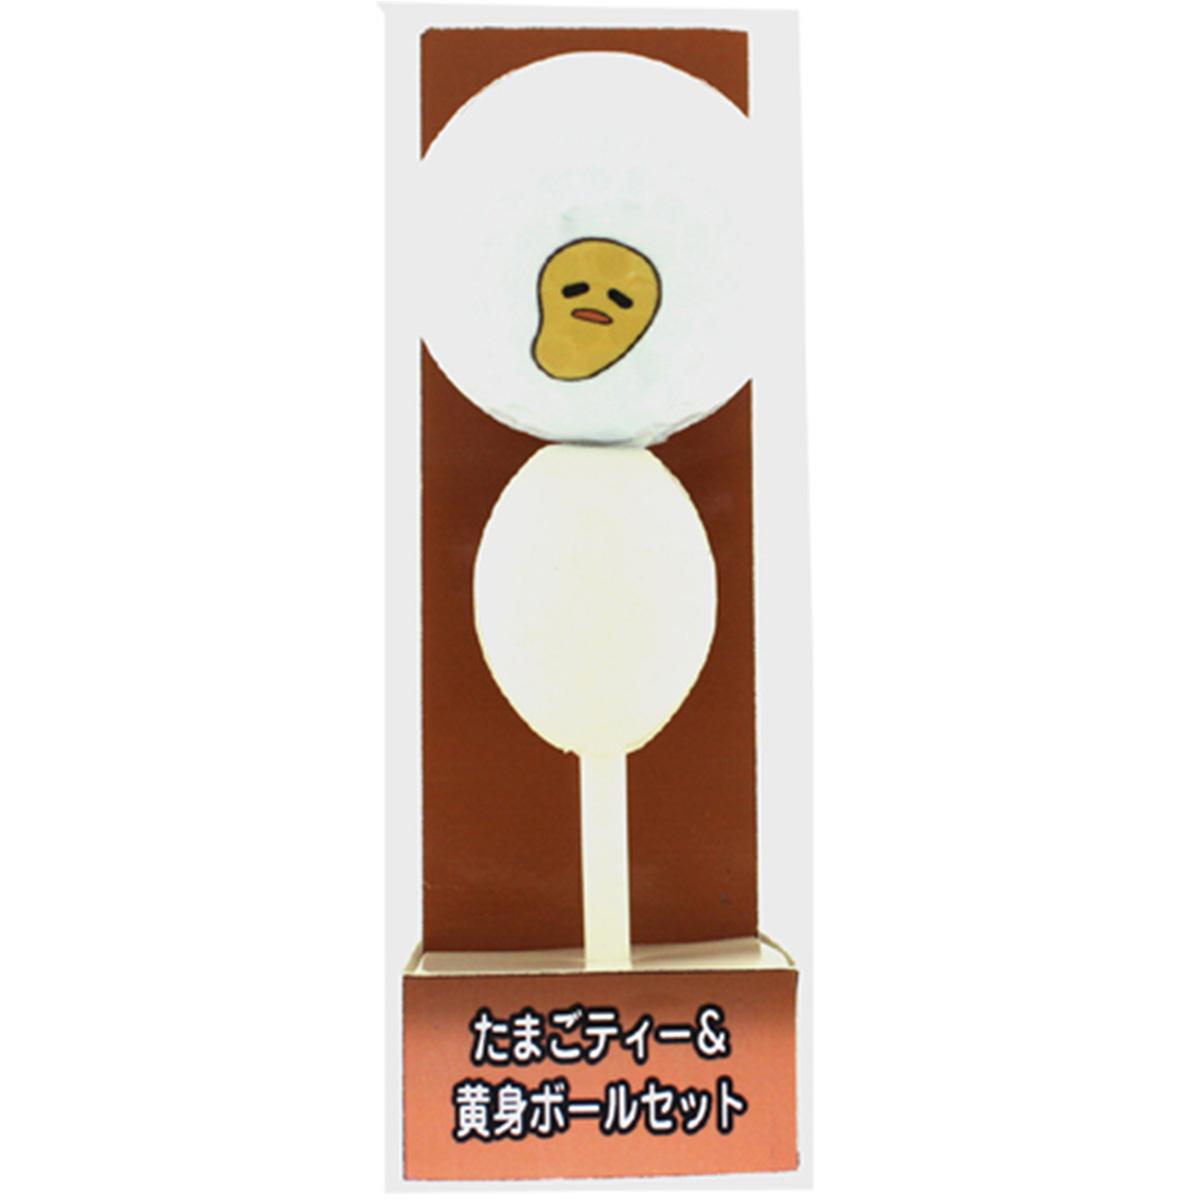 ホクシン交易 タマゴティー1本&黄身ボール1個セット